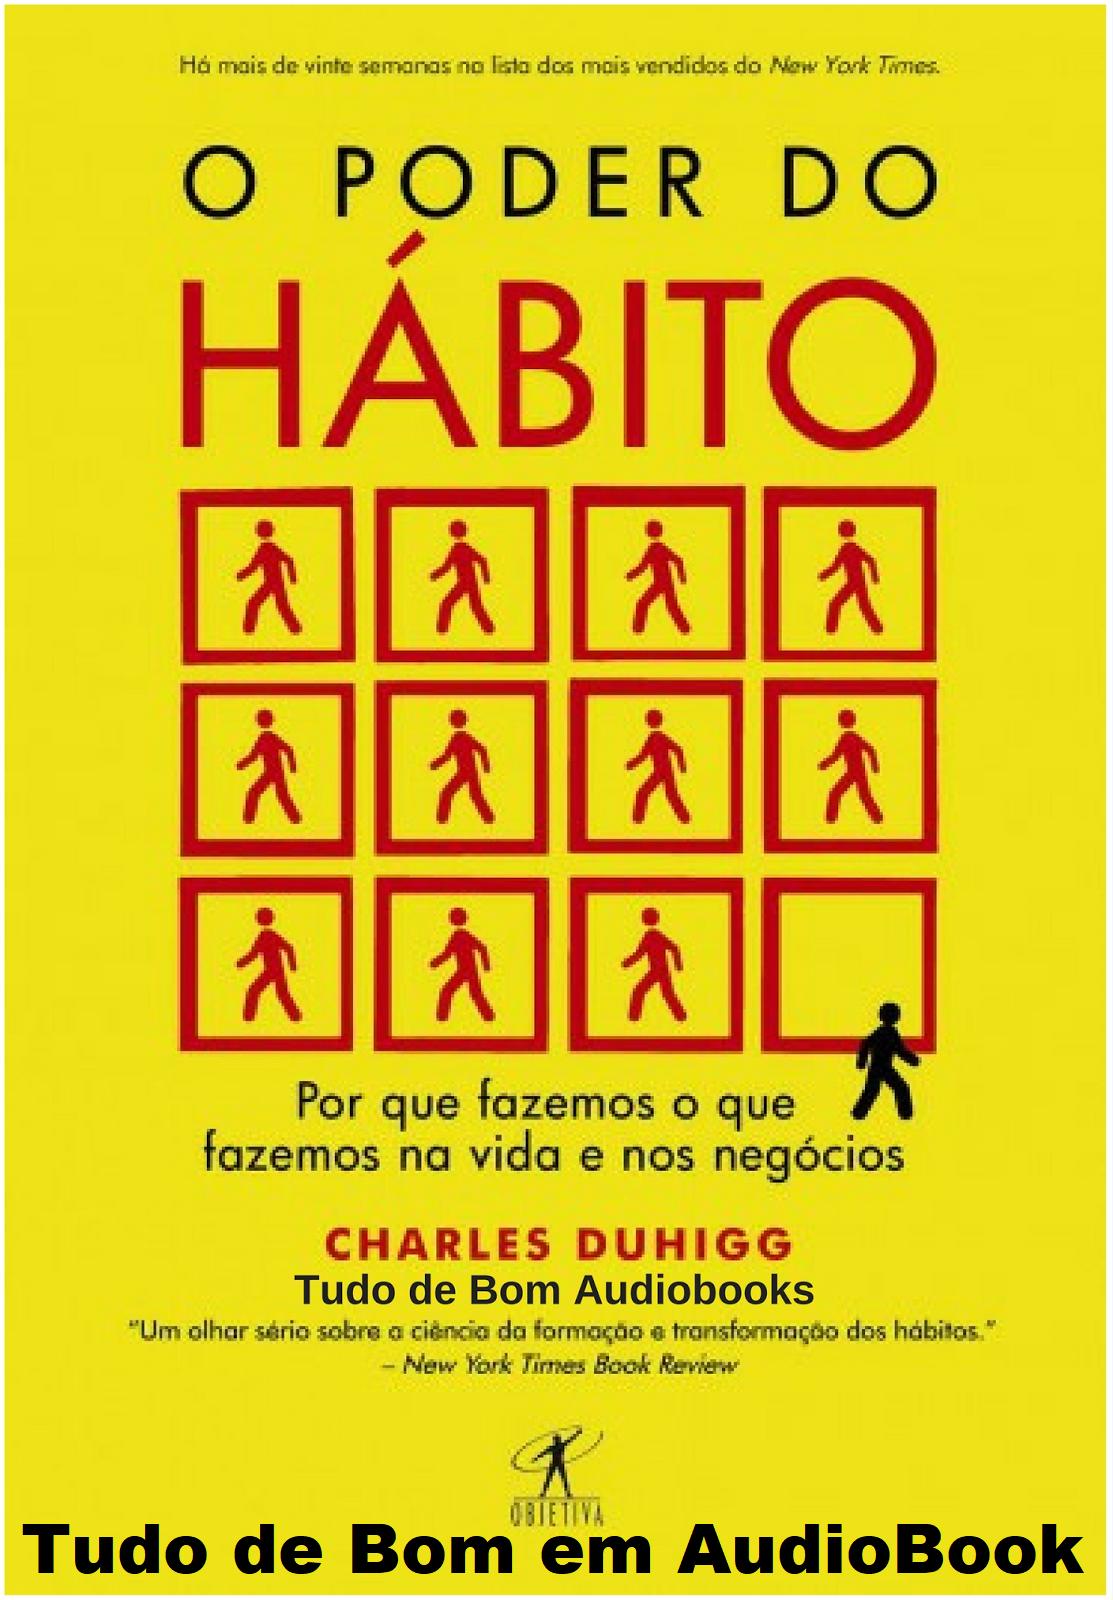 Tudo de Bom em Audiobooks: O Poder do Hábito – Charles